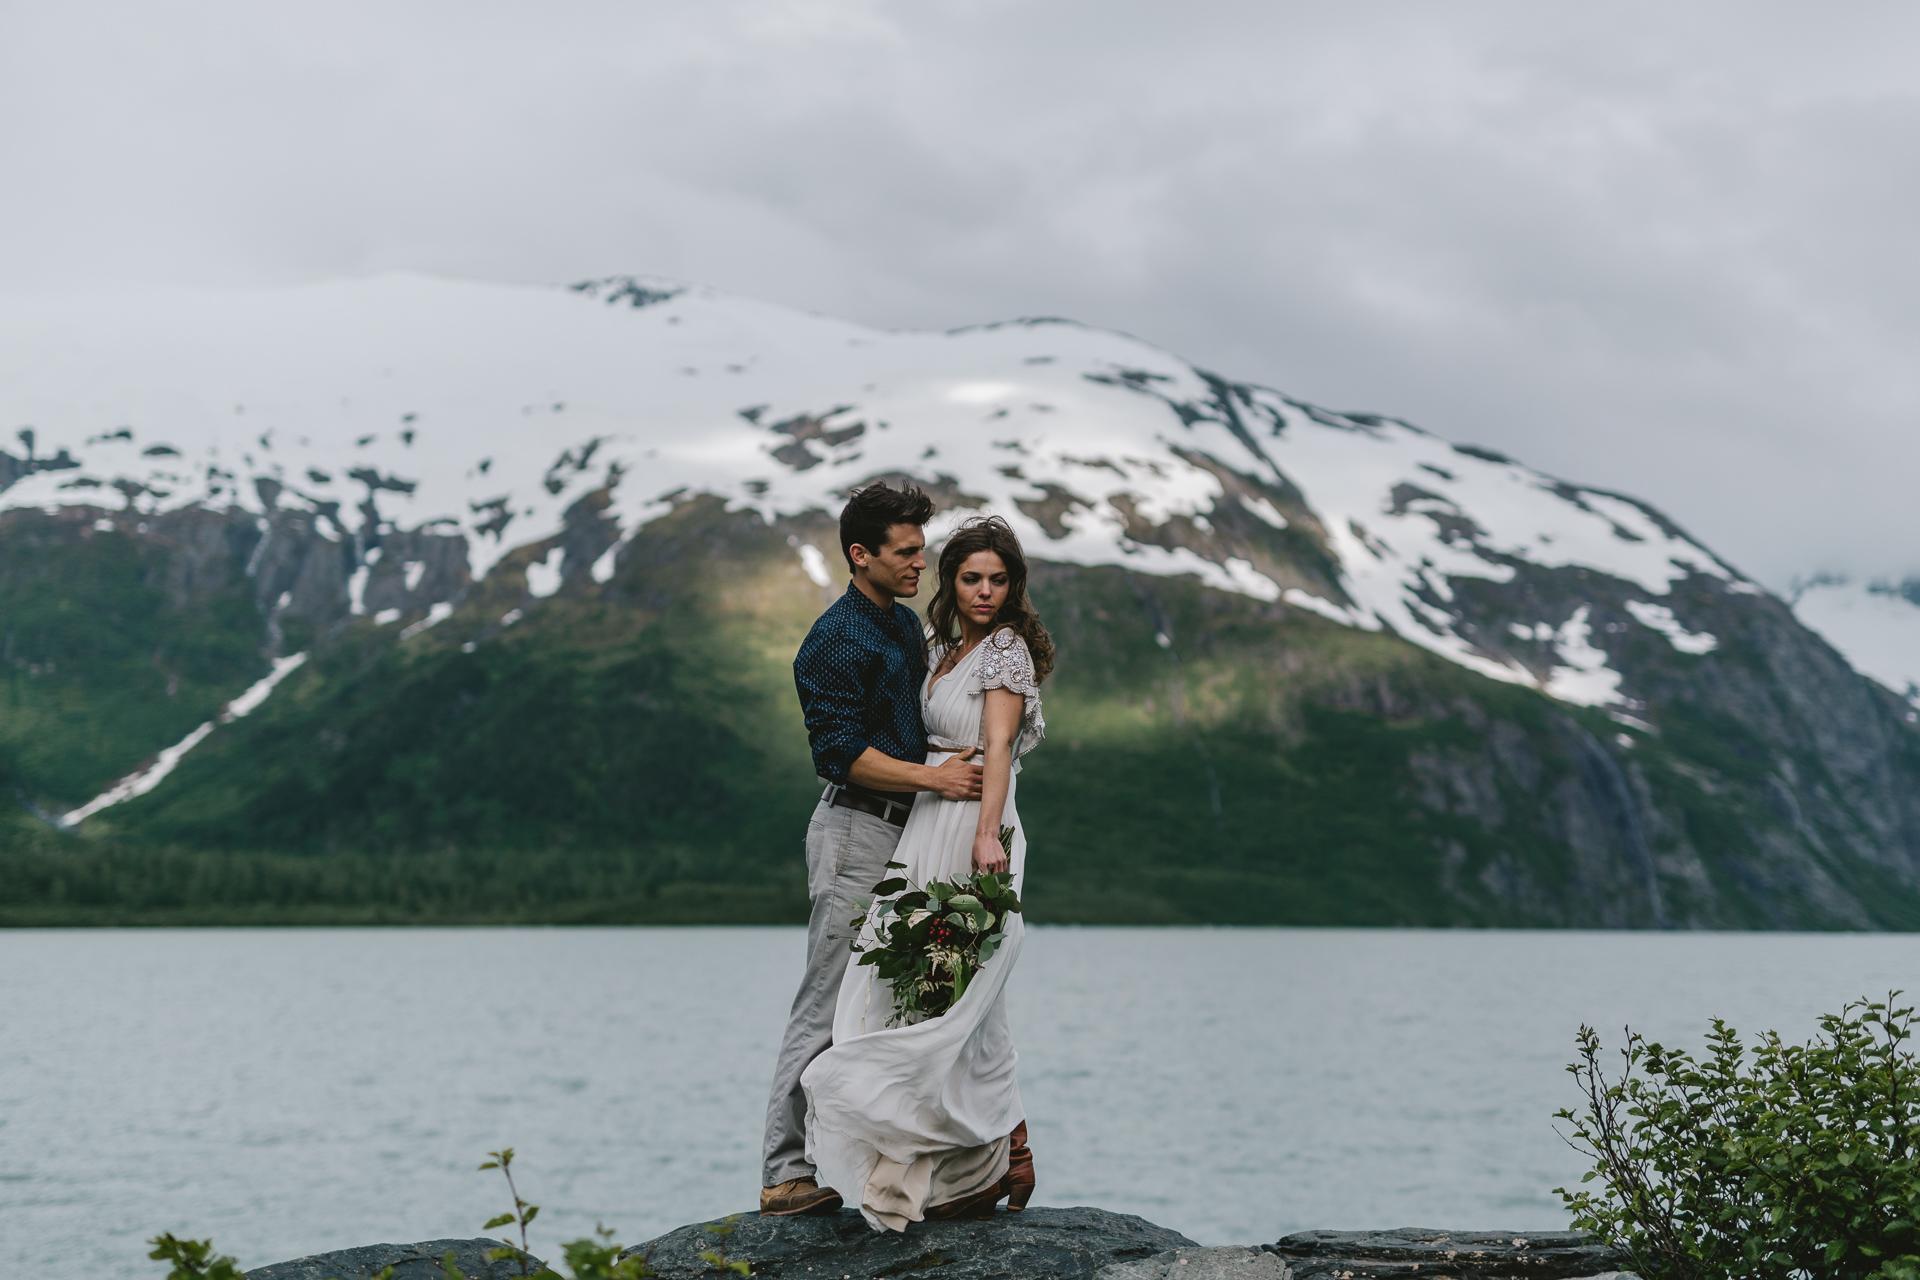 jess-hunter-photographer-alaska-destination-elopement-5870.jpg